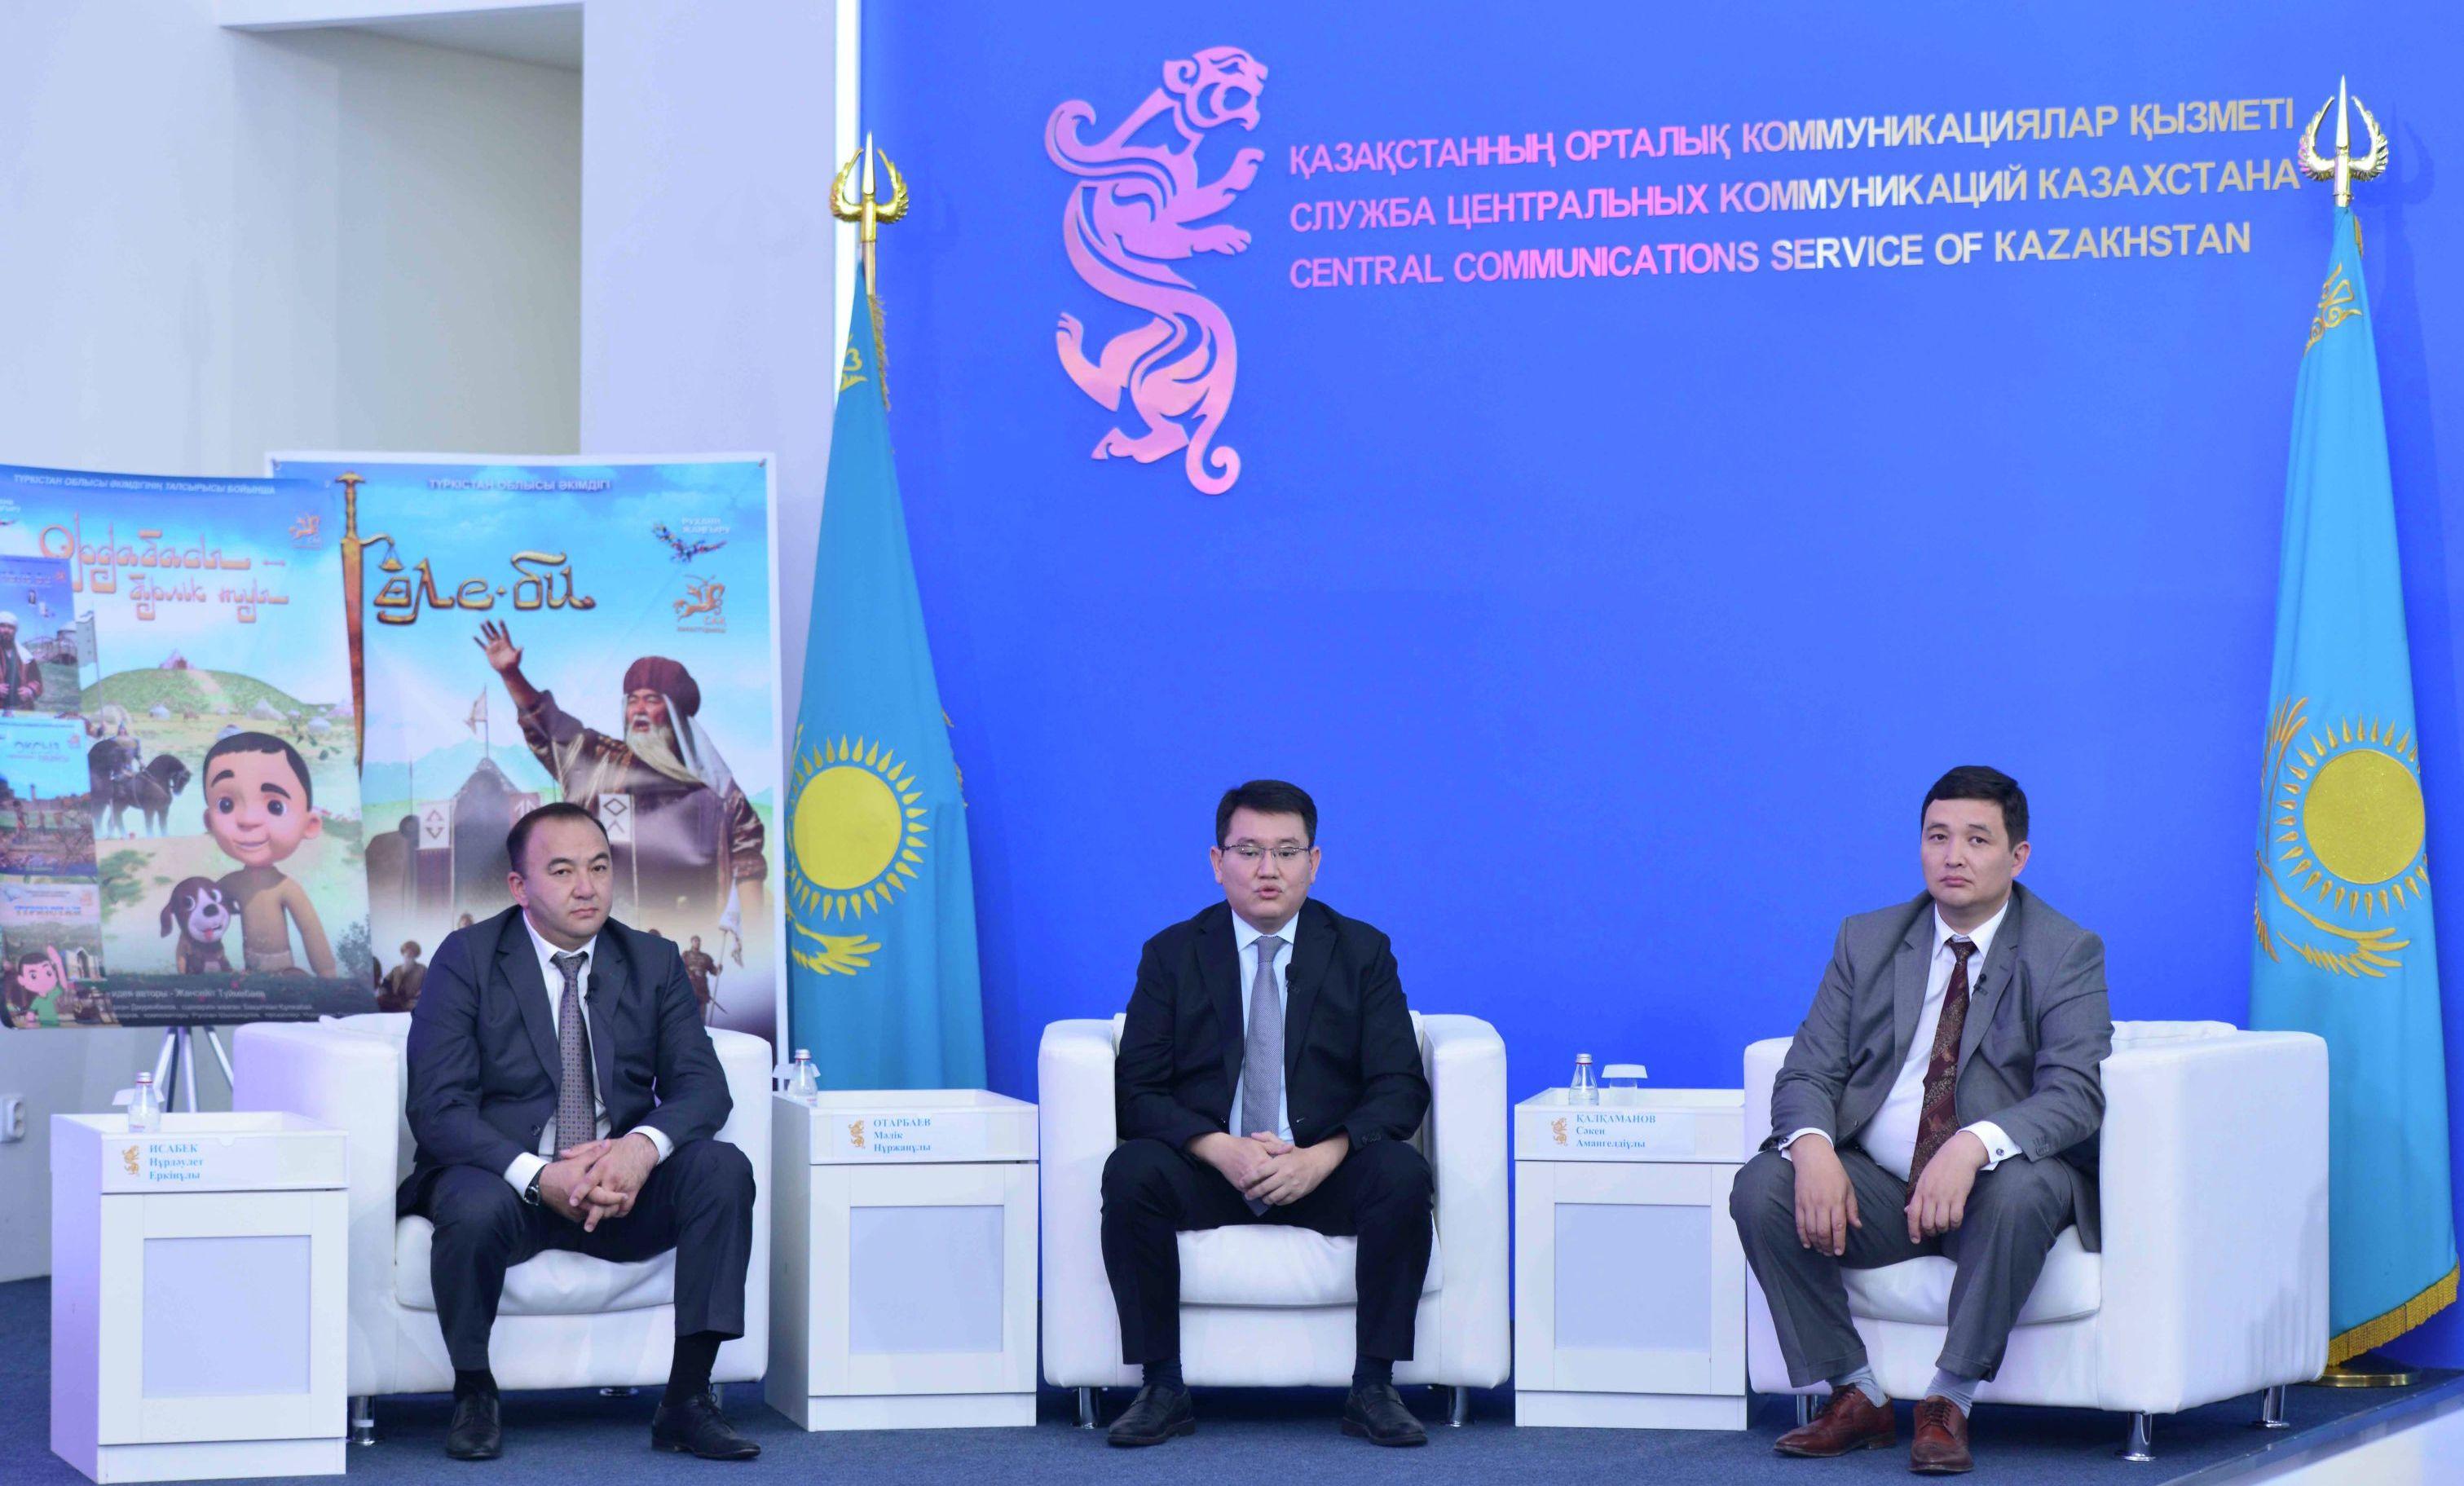 Празднование годовщины создания Туркестанской области - брифинг в Службе центральных коммуникаций